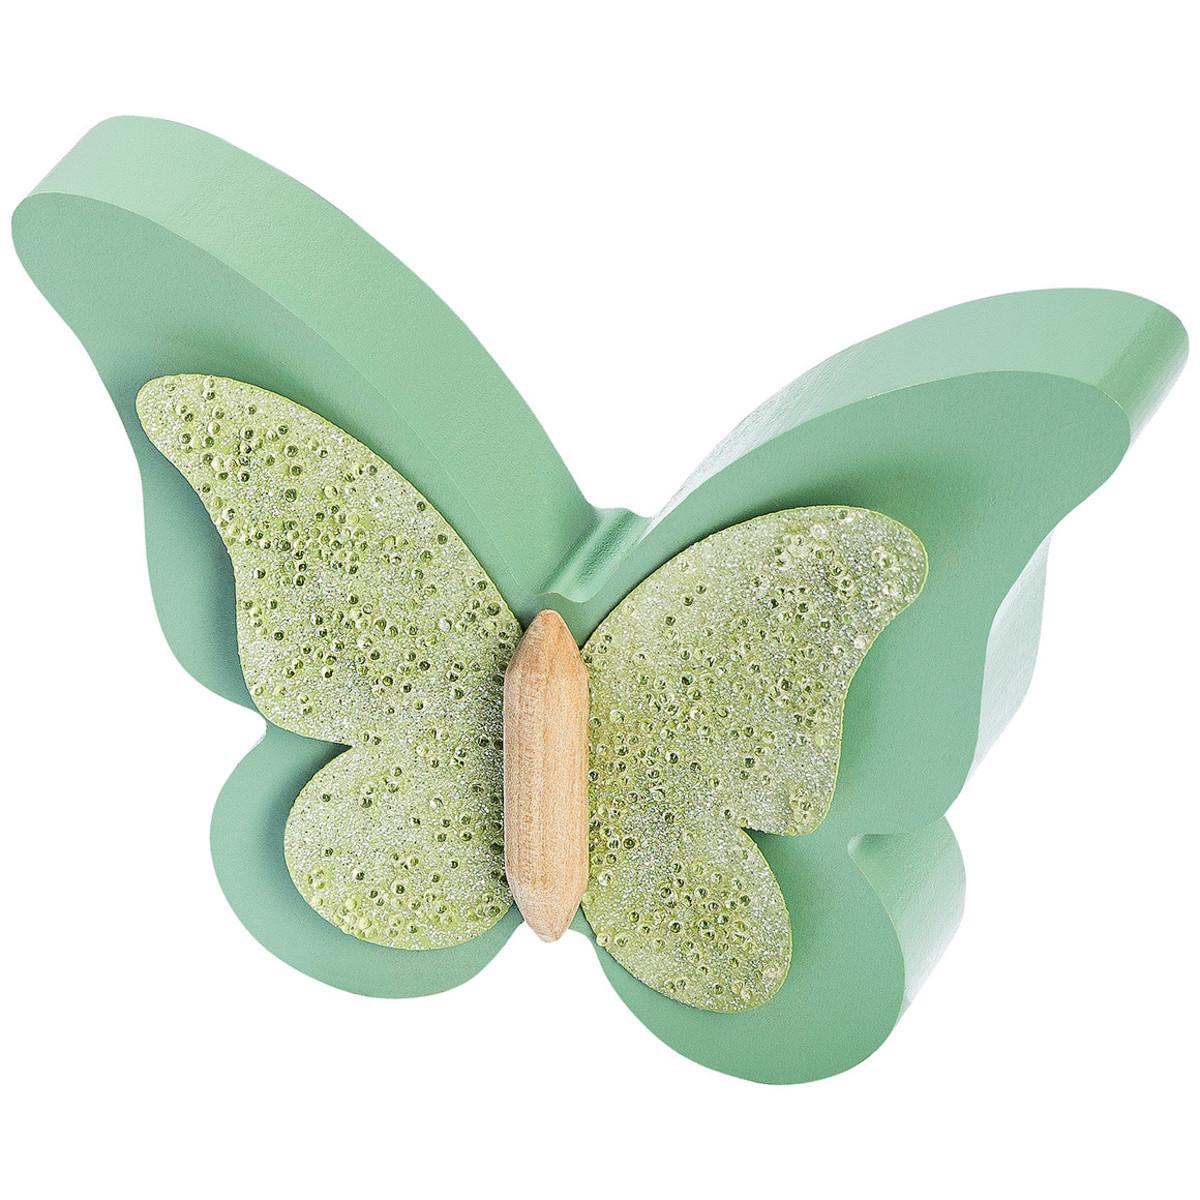 Bild 1 von Deko-Schmetterling mit Glitzerdetails